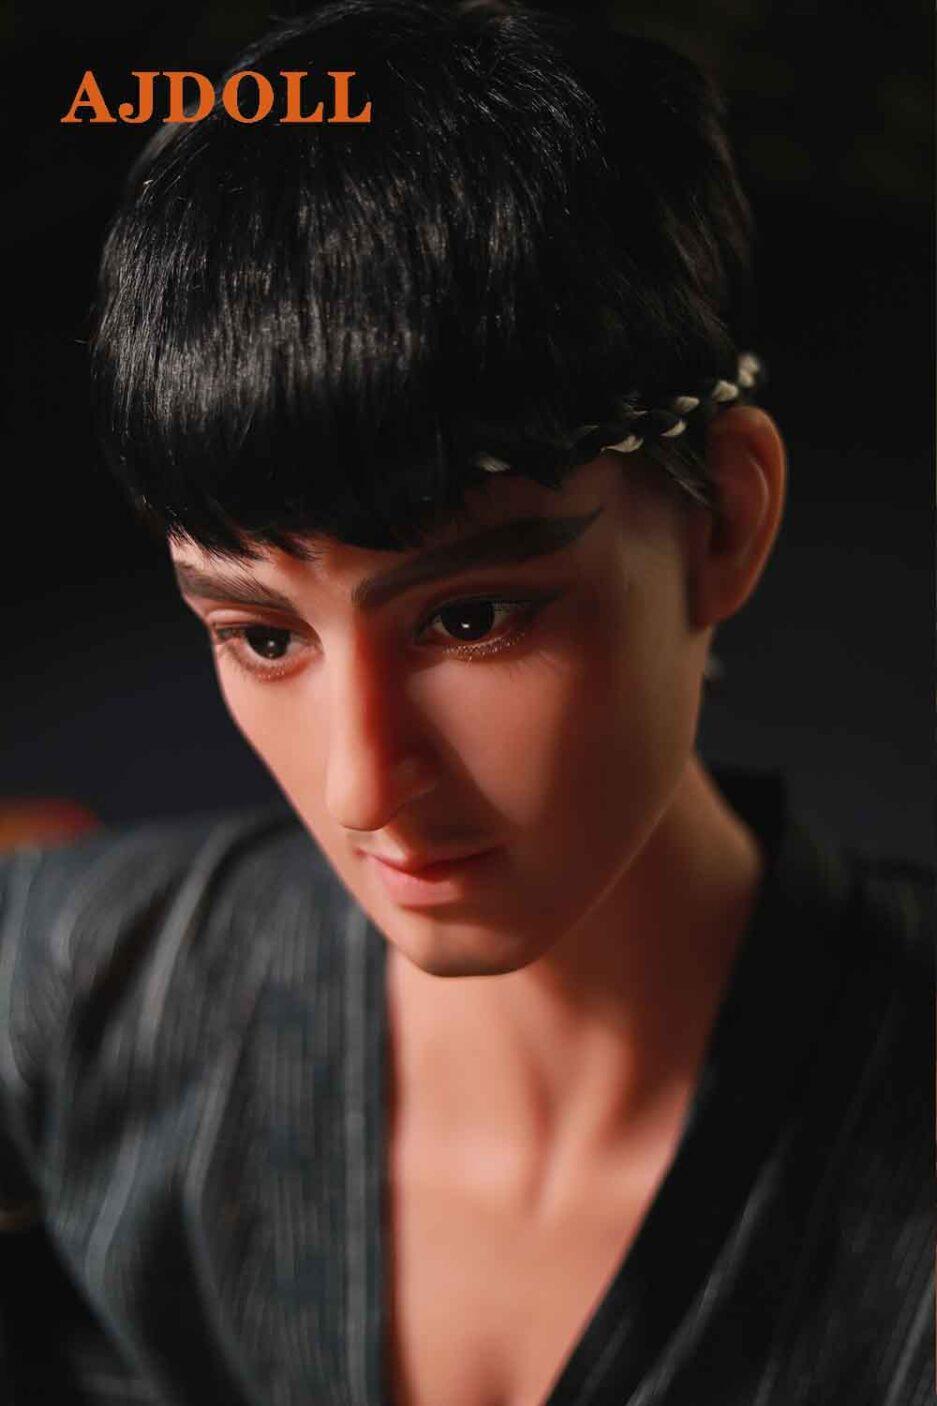 Male sex doll with bushy eyebrows